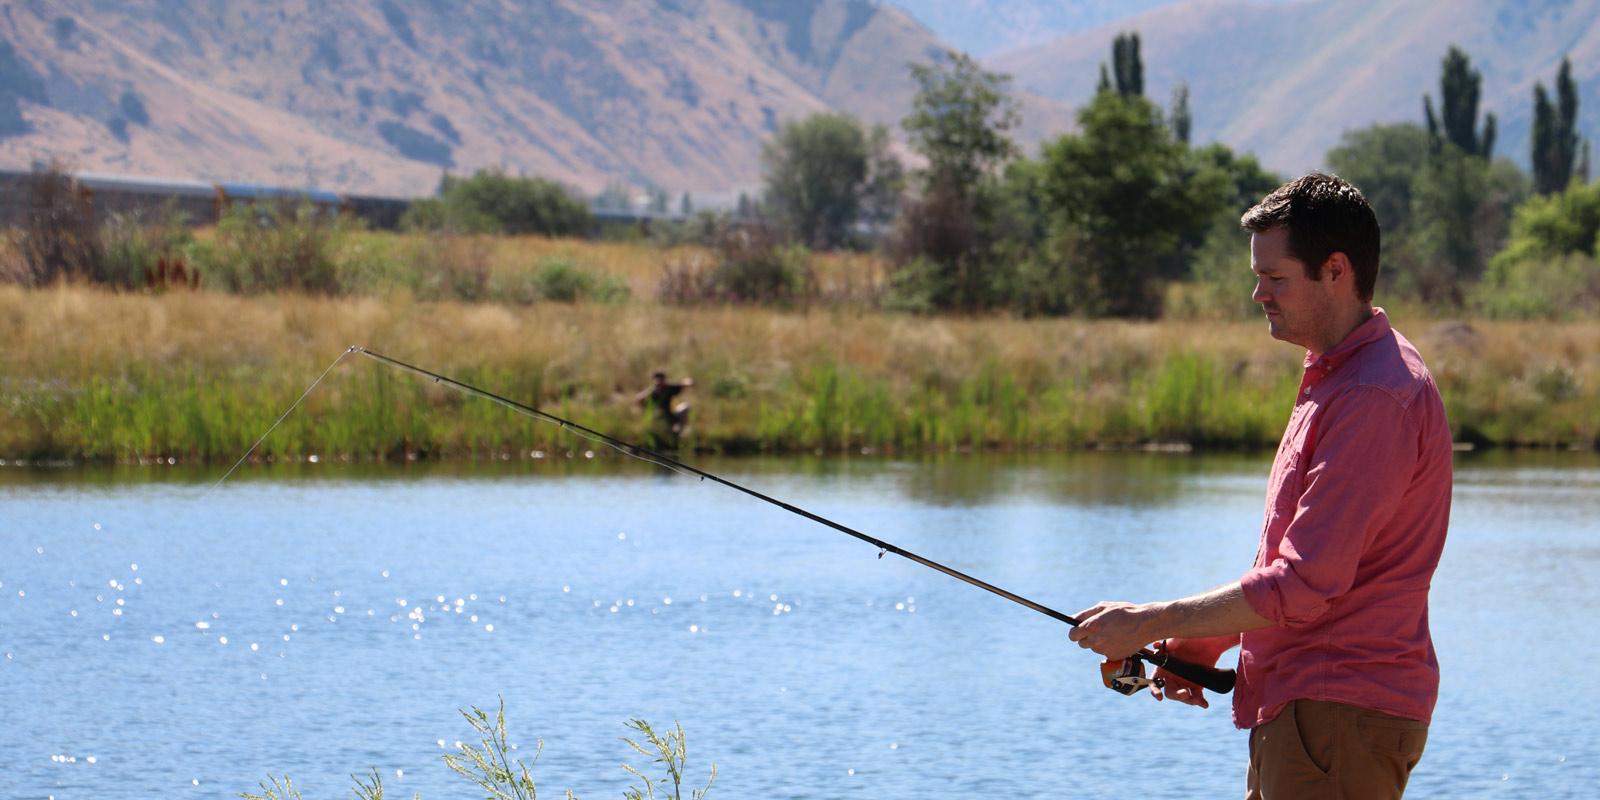 image: man fishing